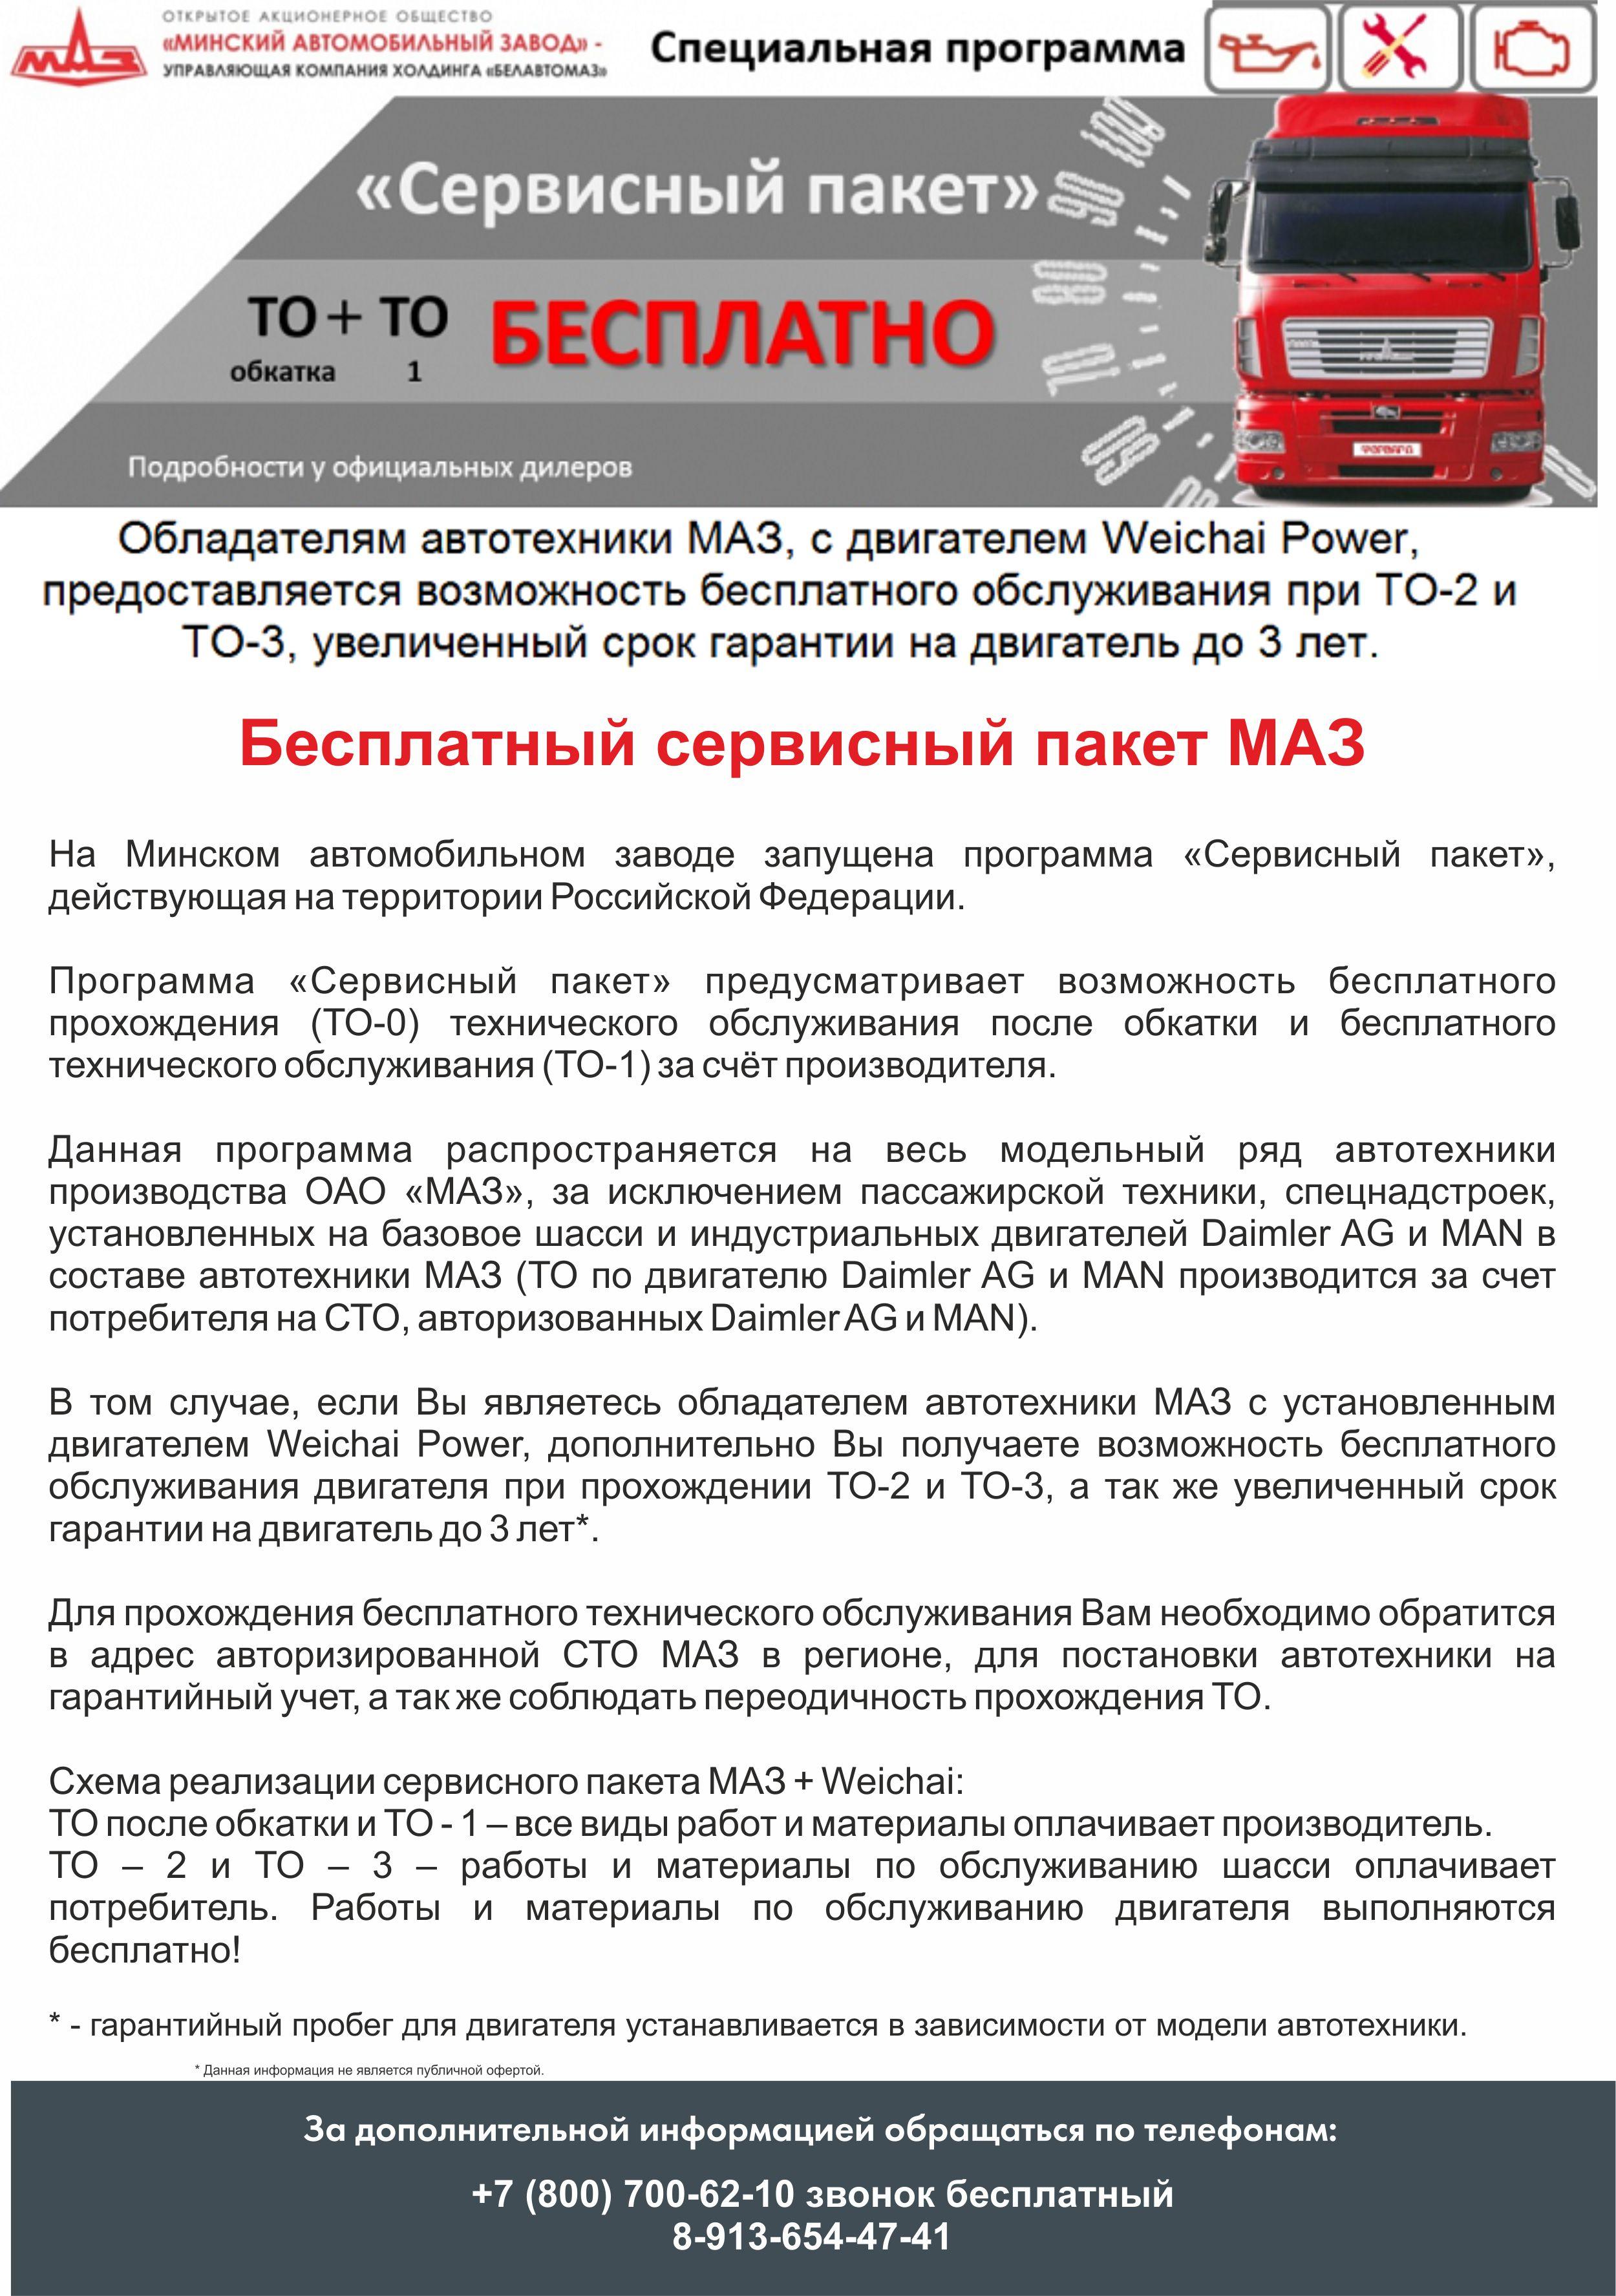 Бесплатный сервисный пакет МАЗ